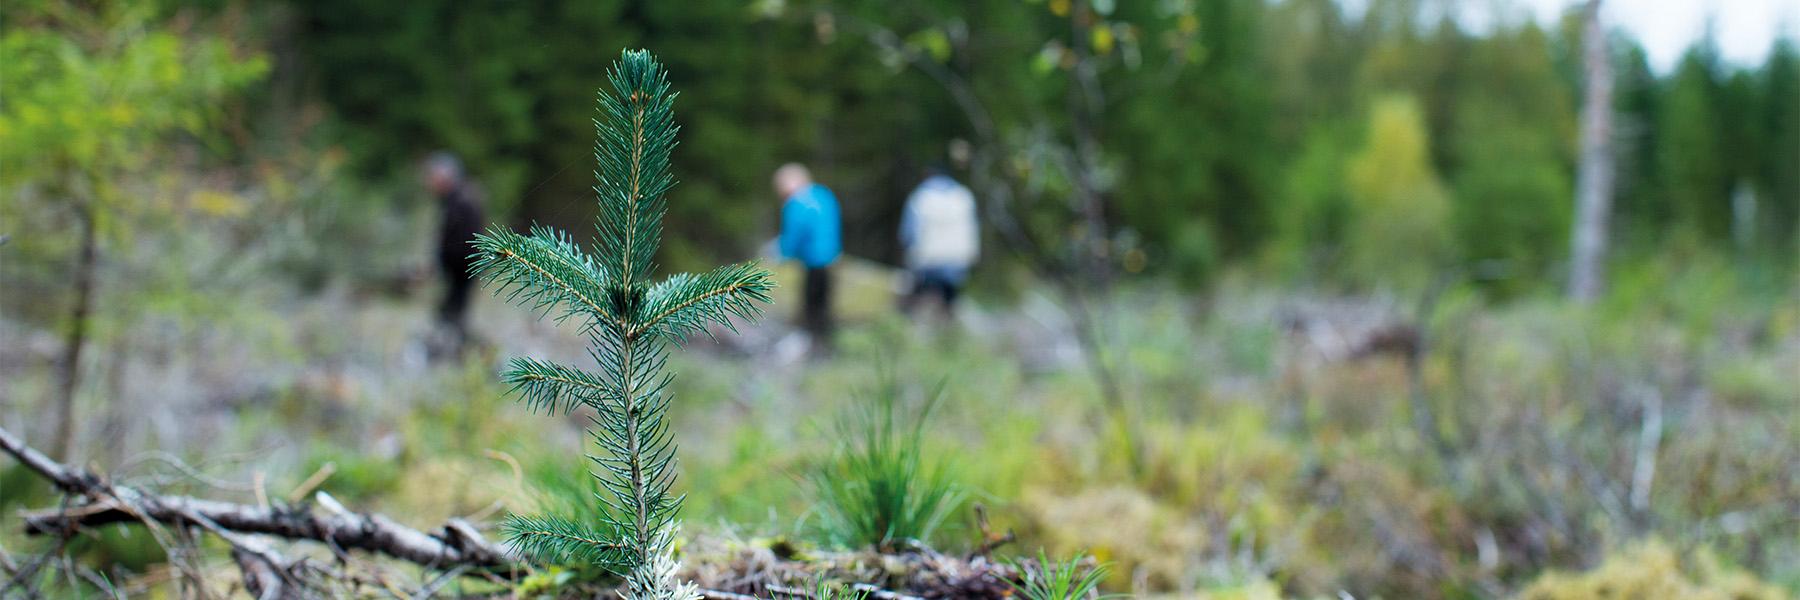 Utbildning för dig som vill lära dig mer om skog